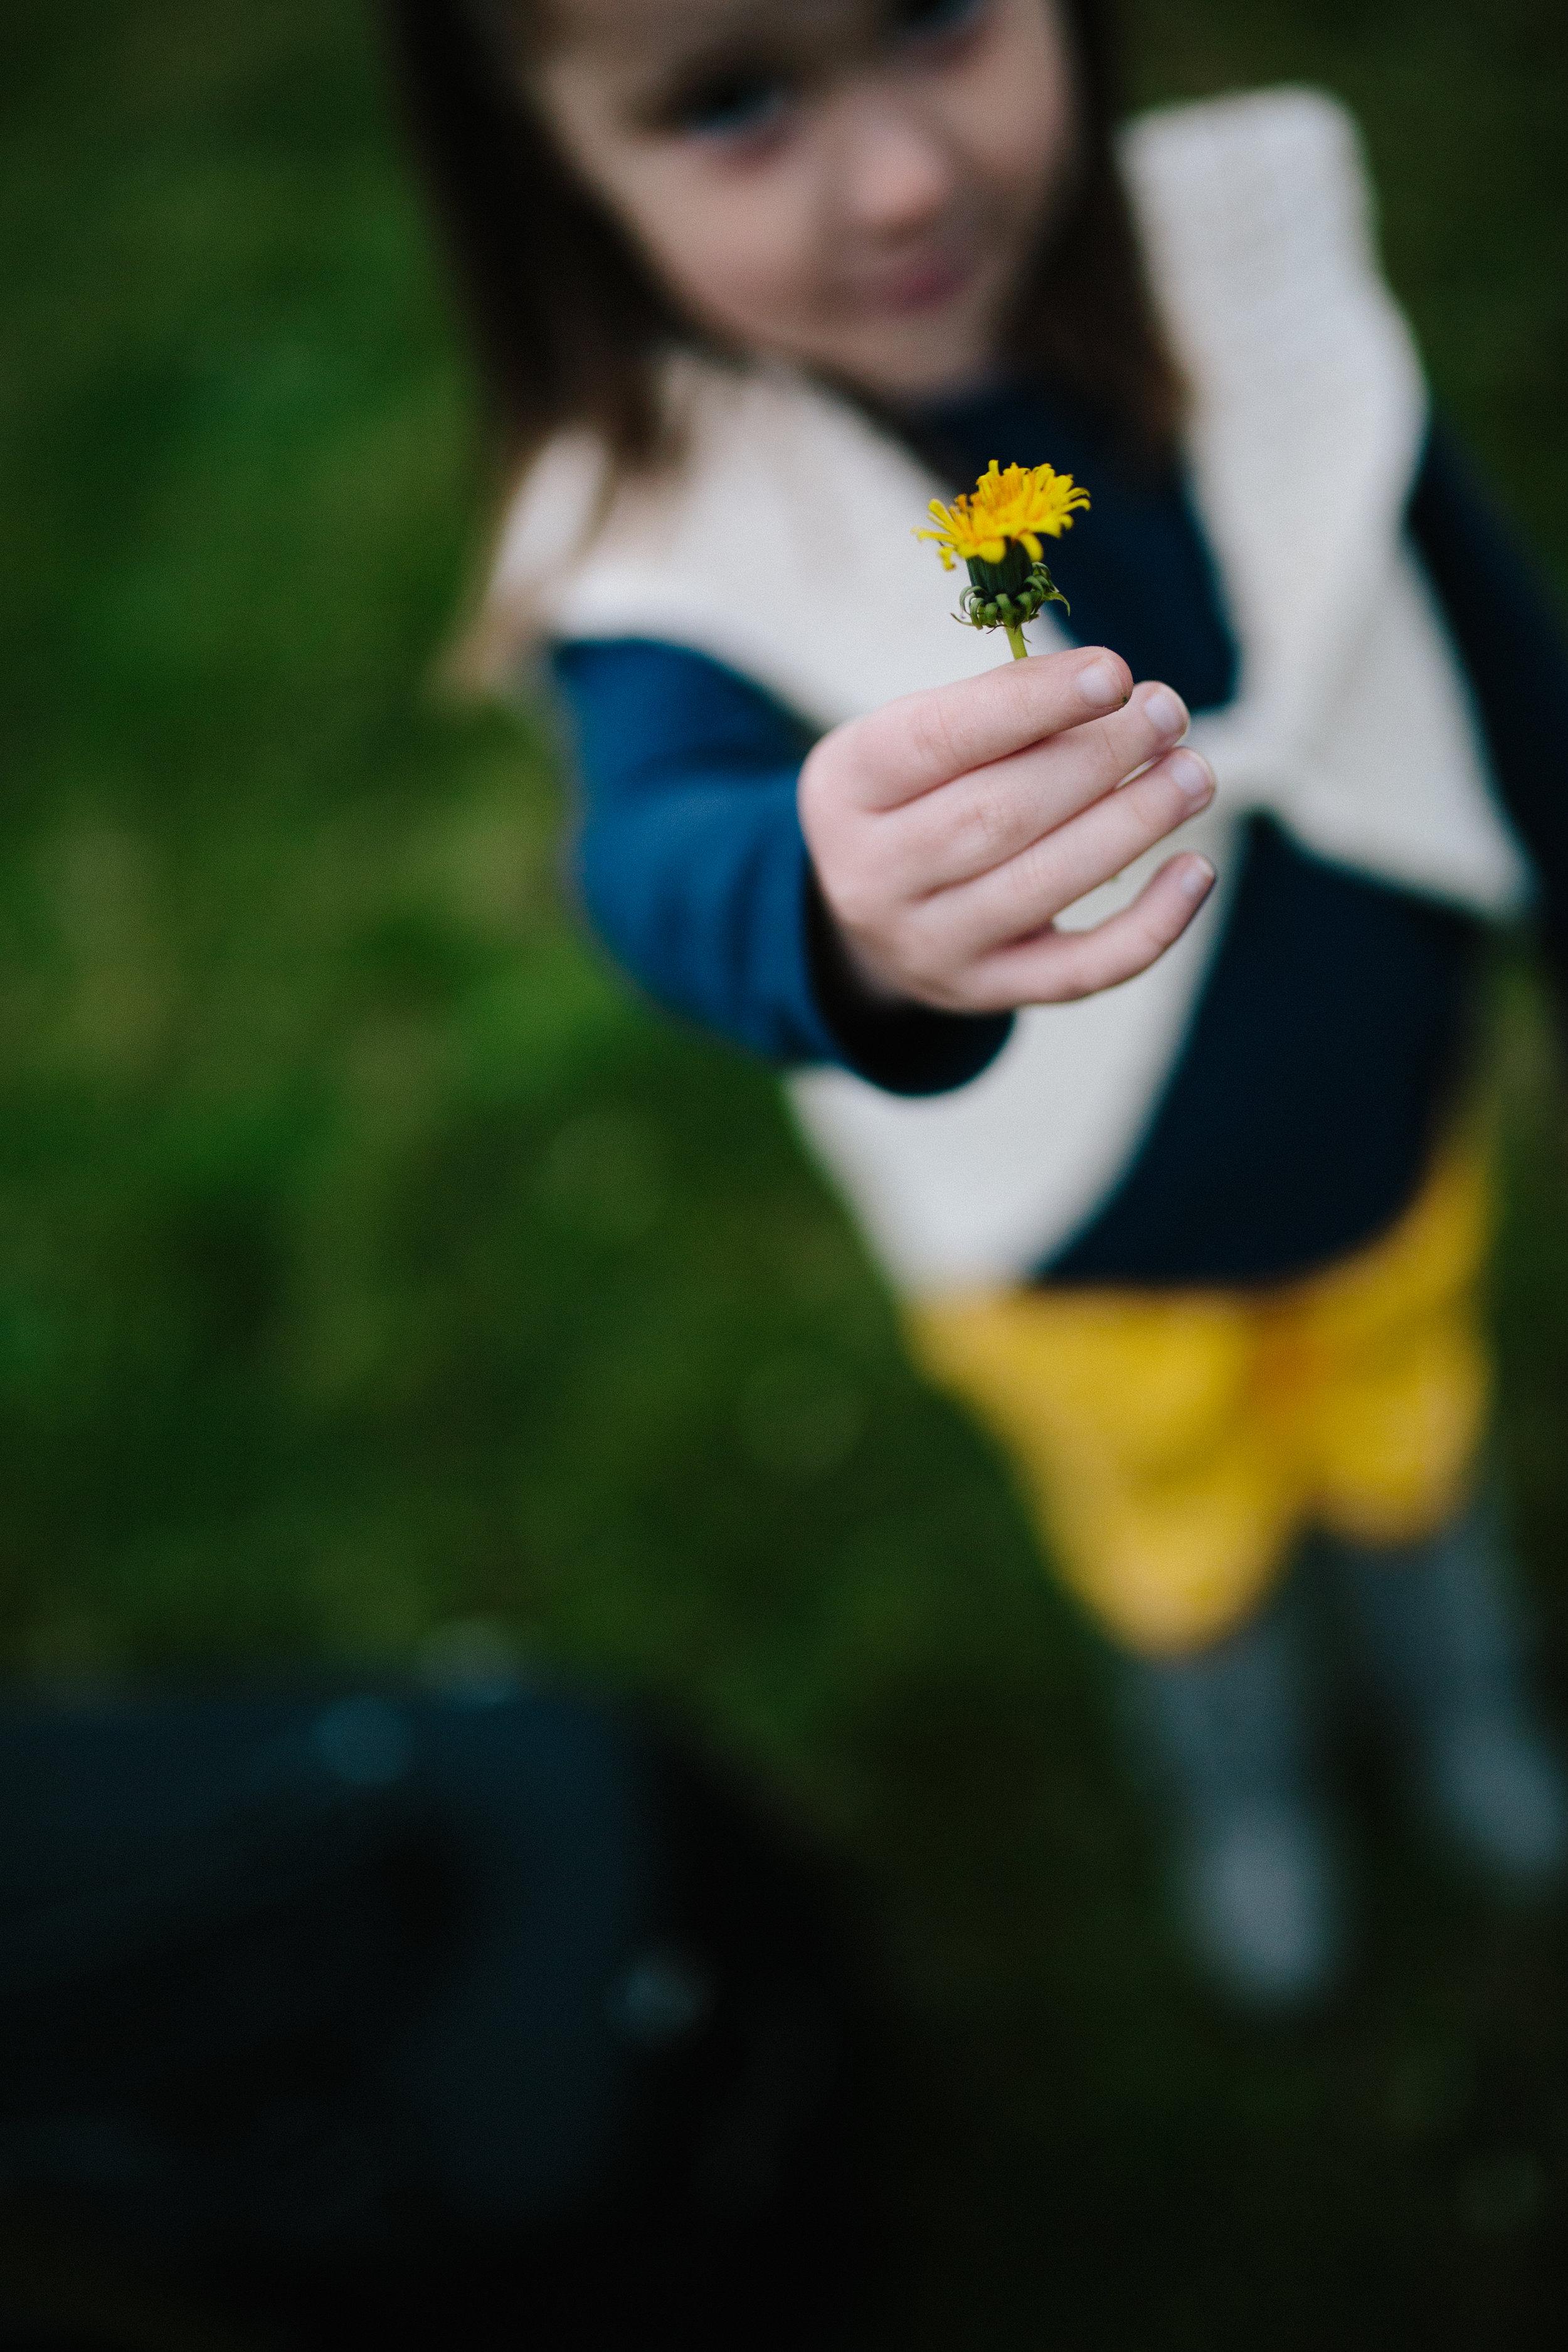 child-holding-flower